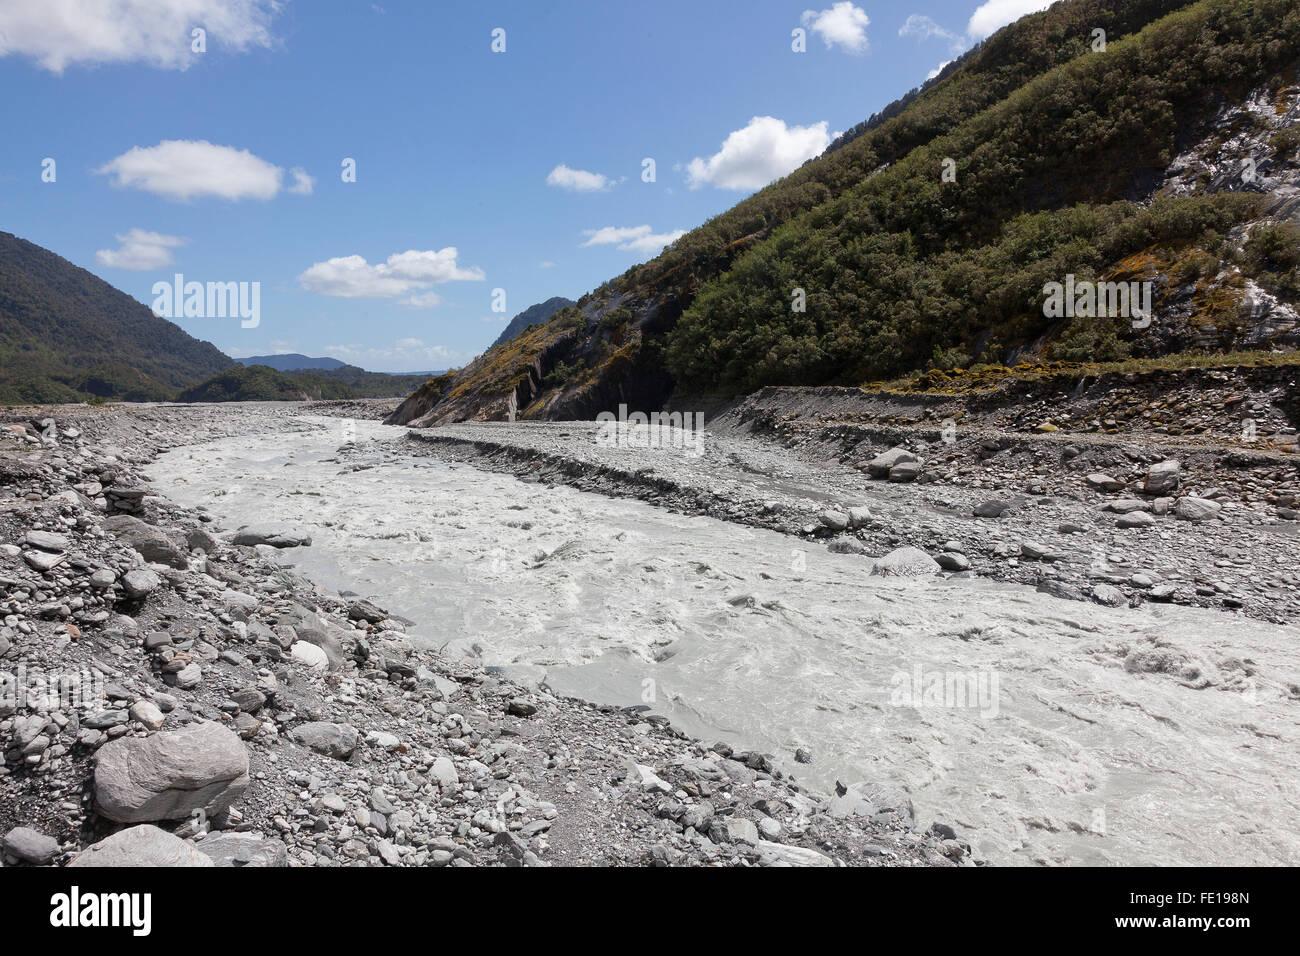 Flusso glaciale, Franz Joseph Glacier - Nuova Zelanda Immagini Stock